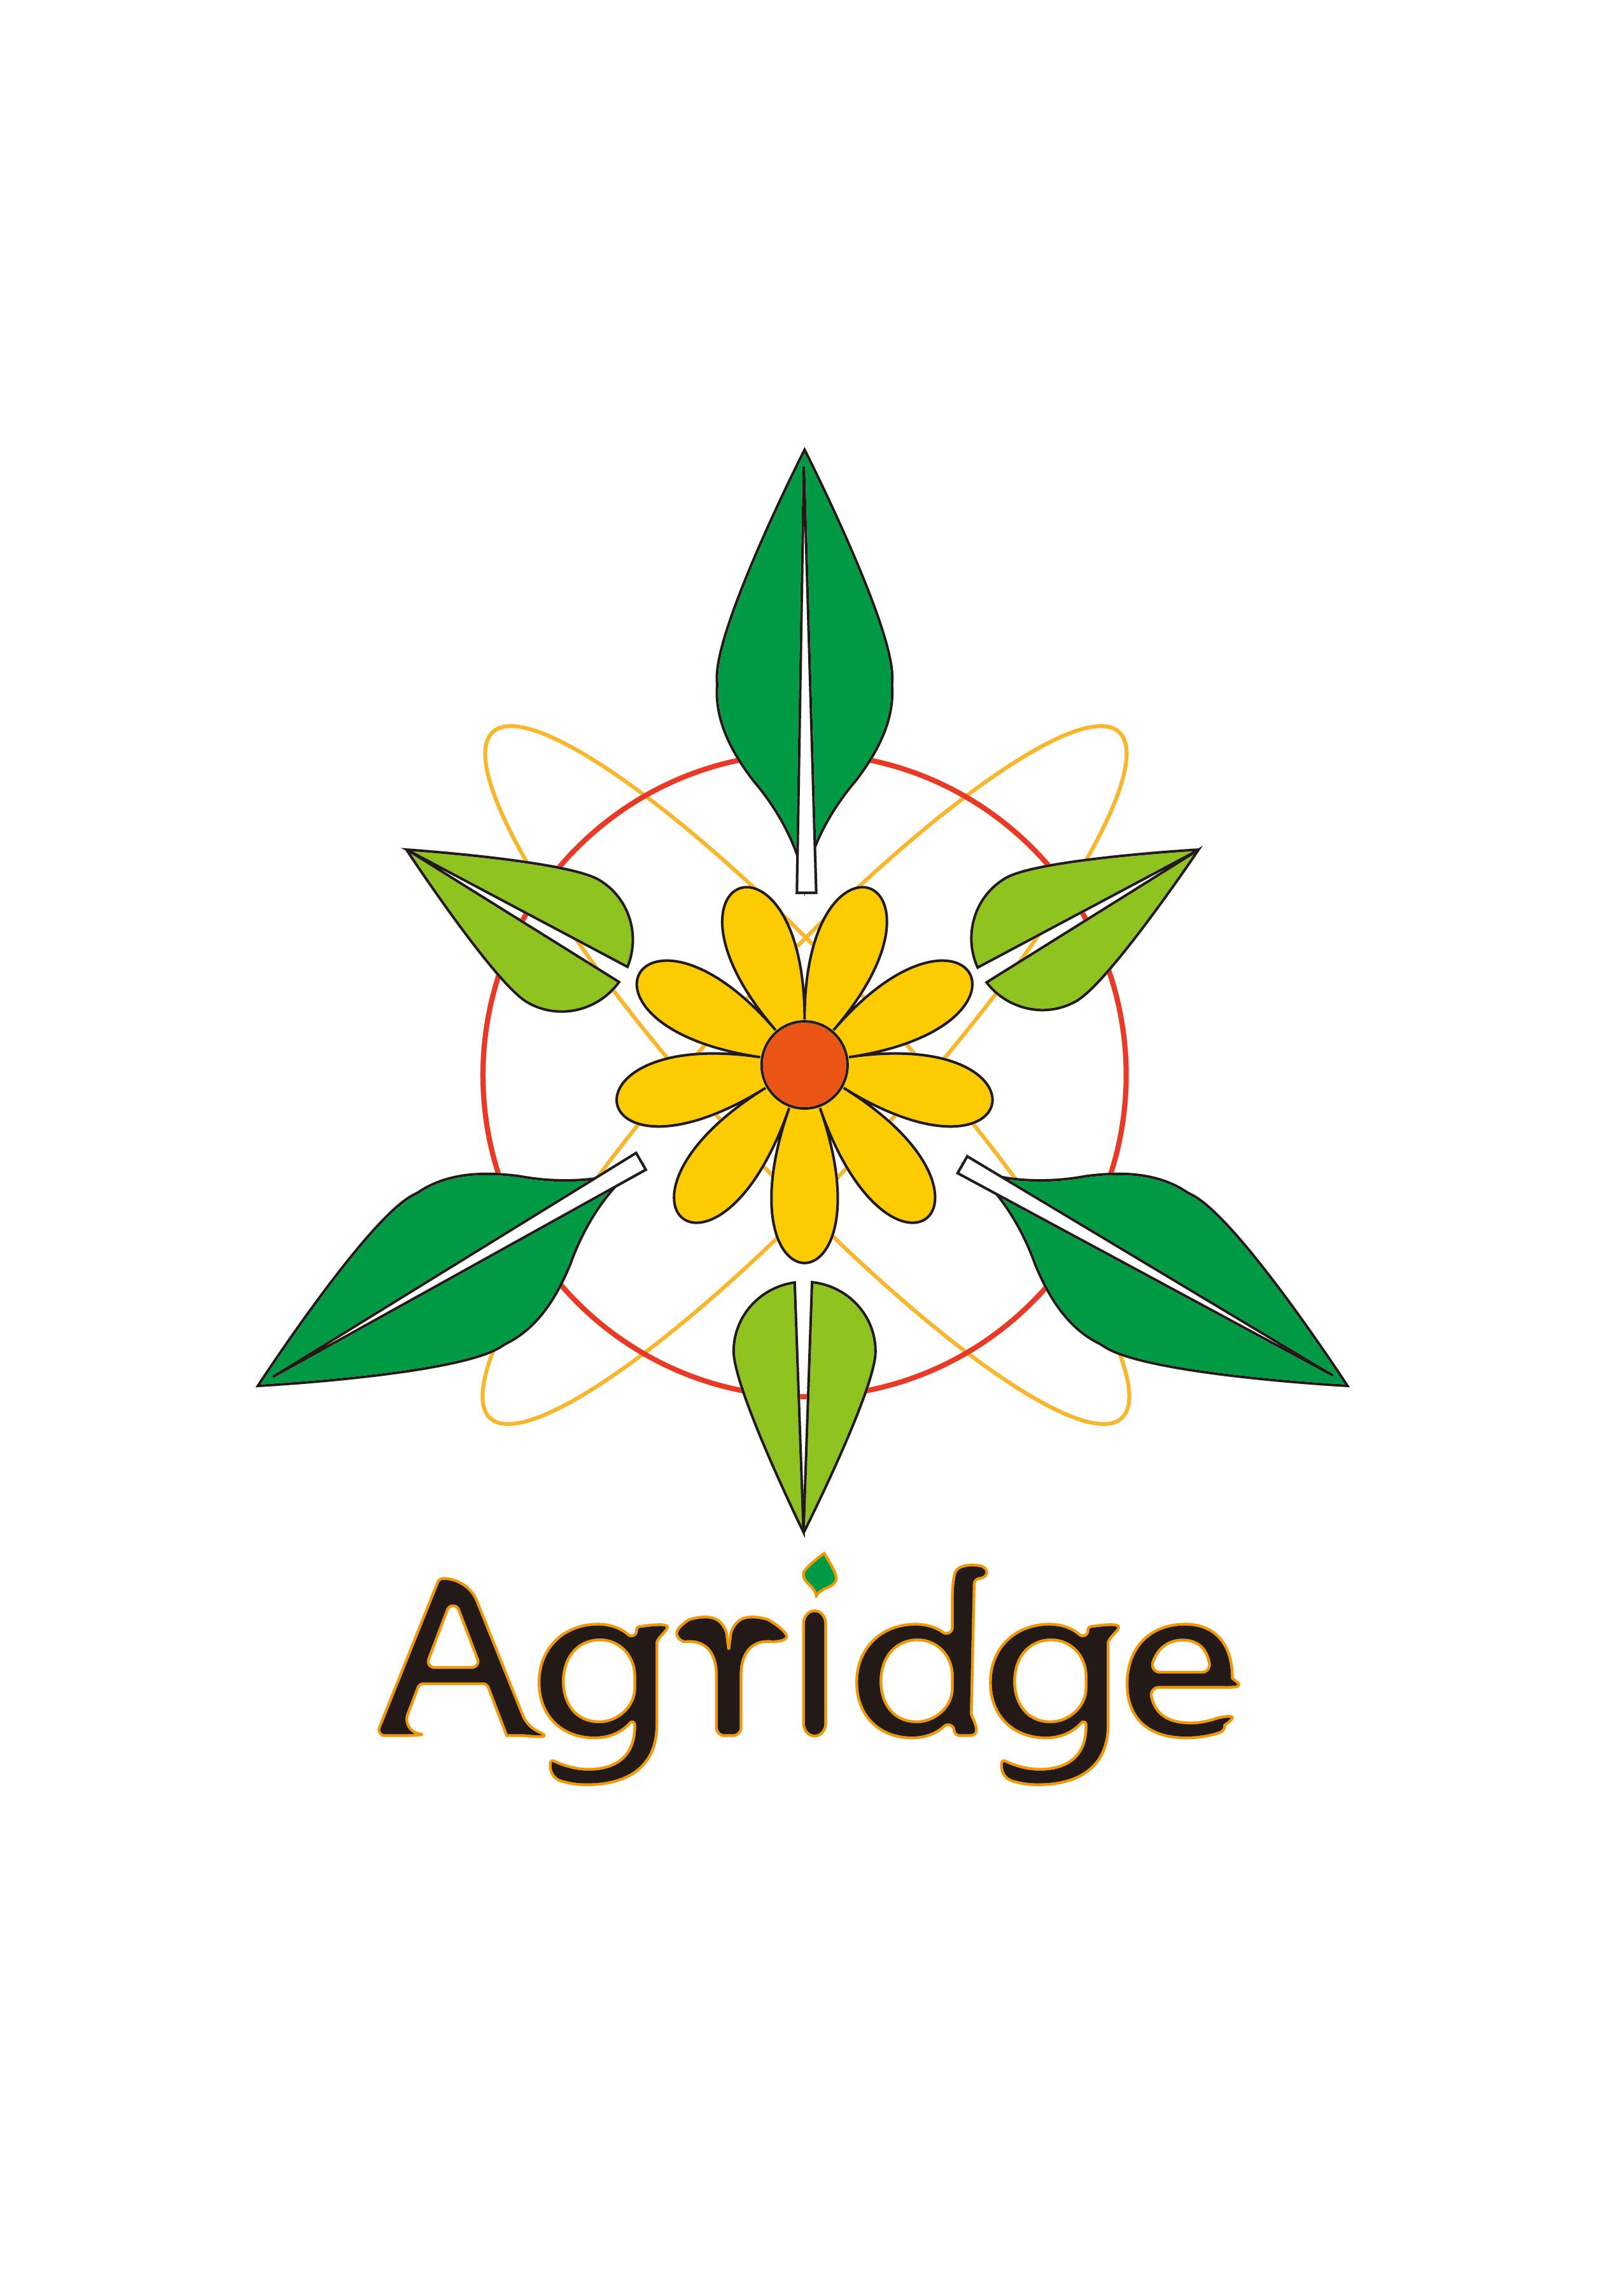 アグリッジ ロゴマーク